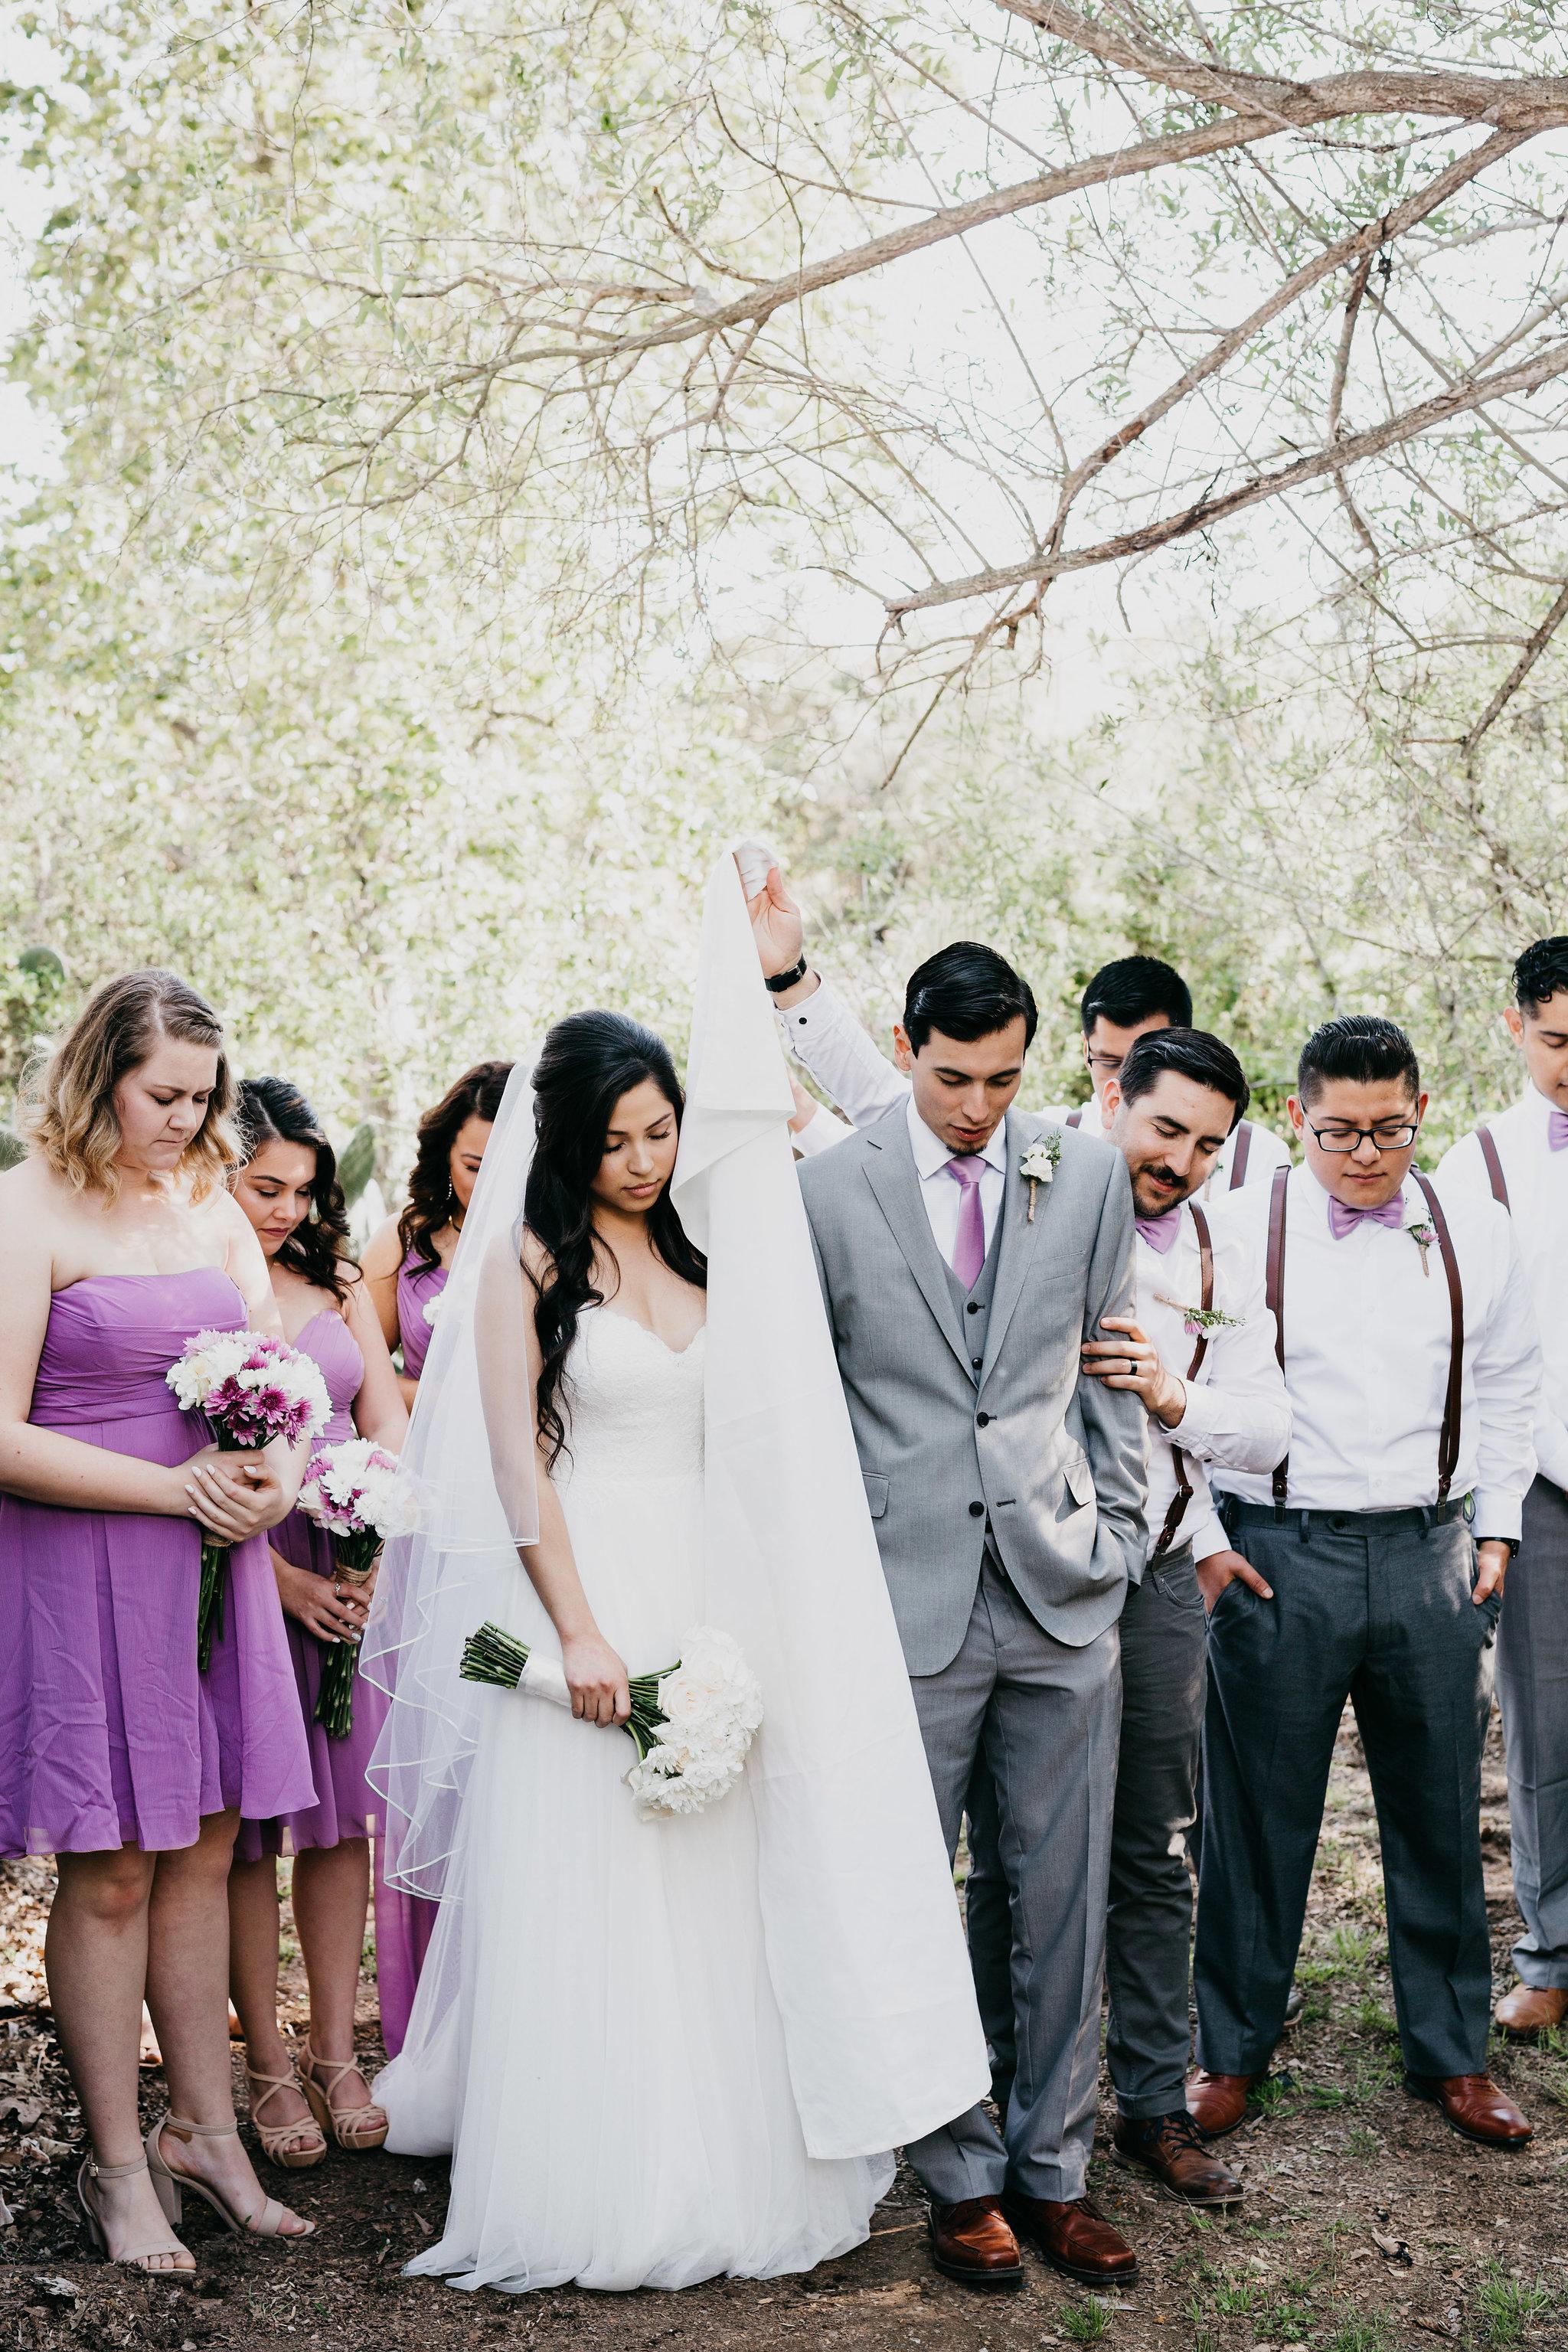 JoeandCelina_BridalParty&Family131.jpg